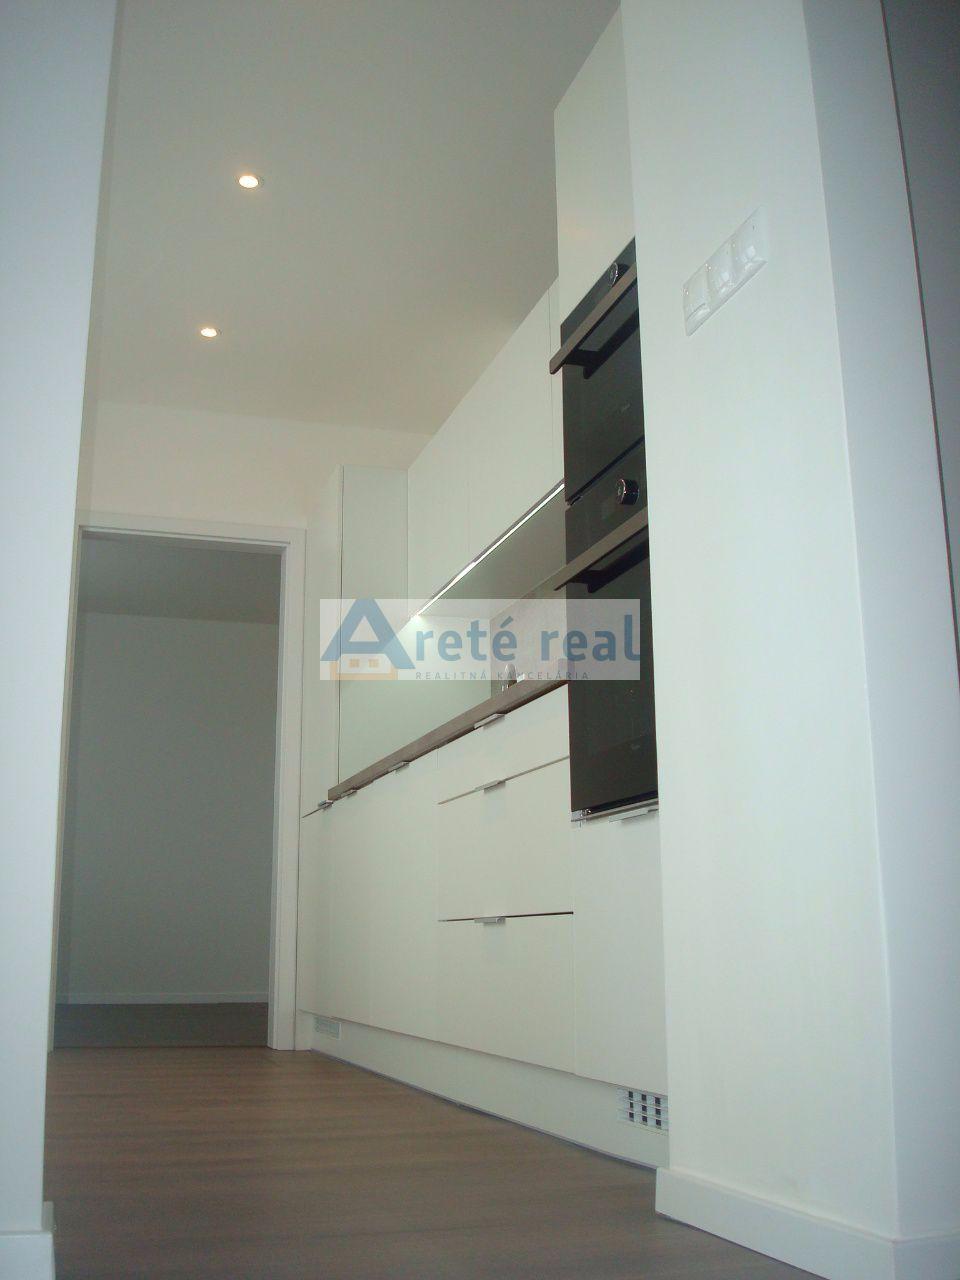 Areté real, Prenájom 3-izbového bytu po kompletnej rekonštrukcii v centre mesta Senec